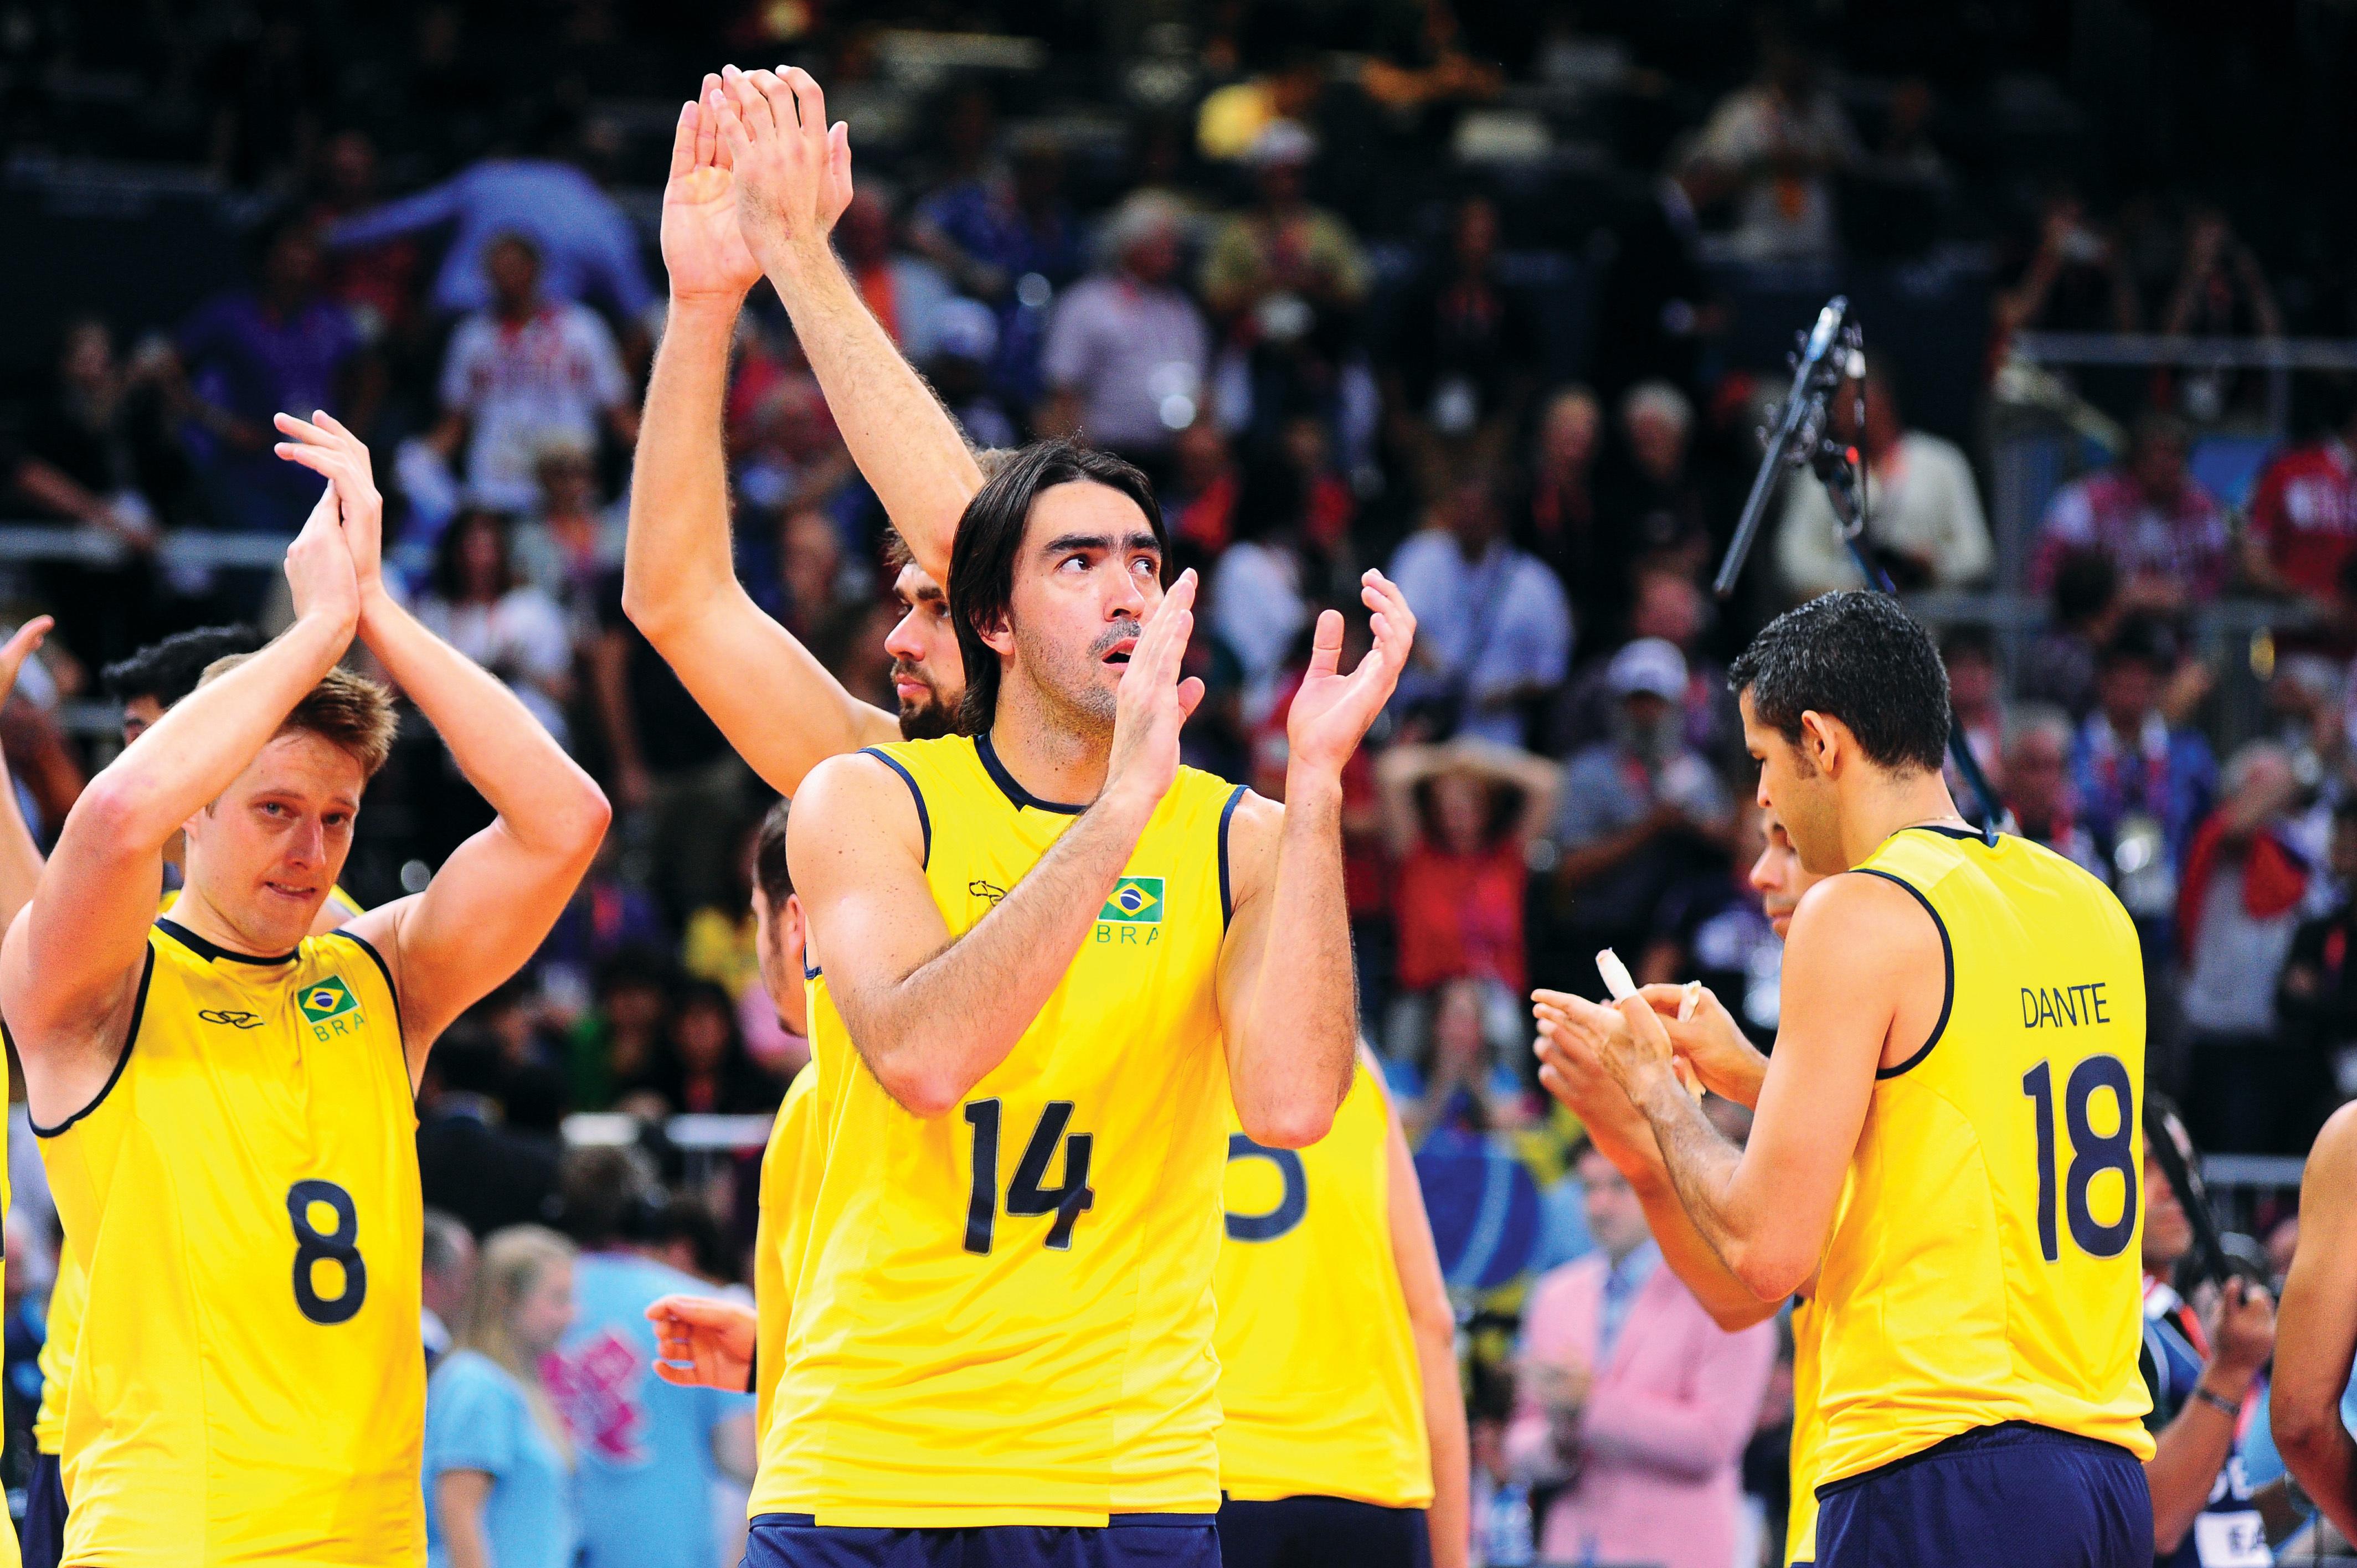 Equipe brasileira masculina de vôlei, que vai disputar a Liga Mundial de 2013